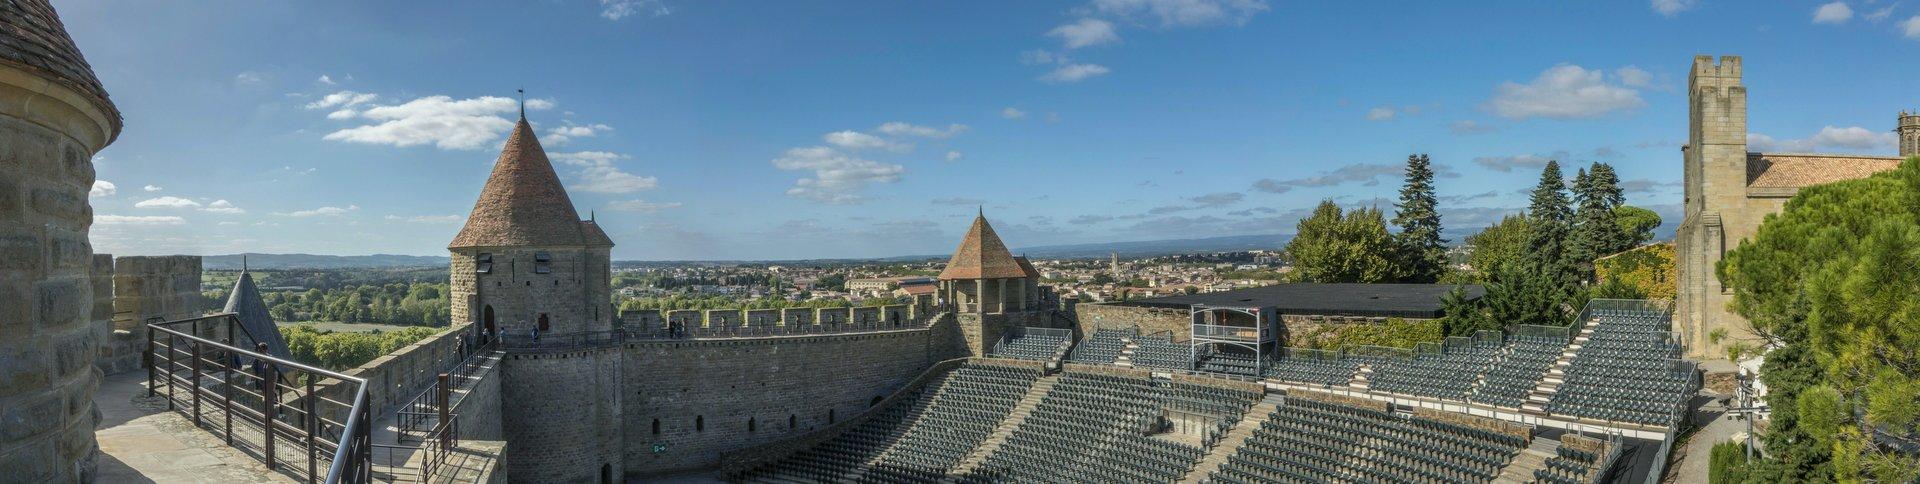 Théâtre de la Cité in der Cité Carcassonne